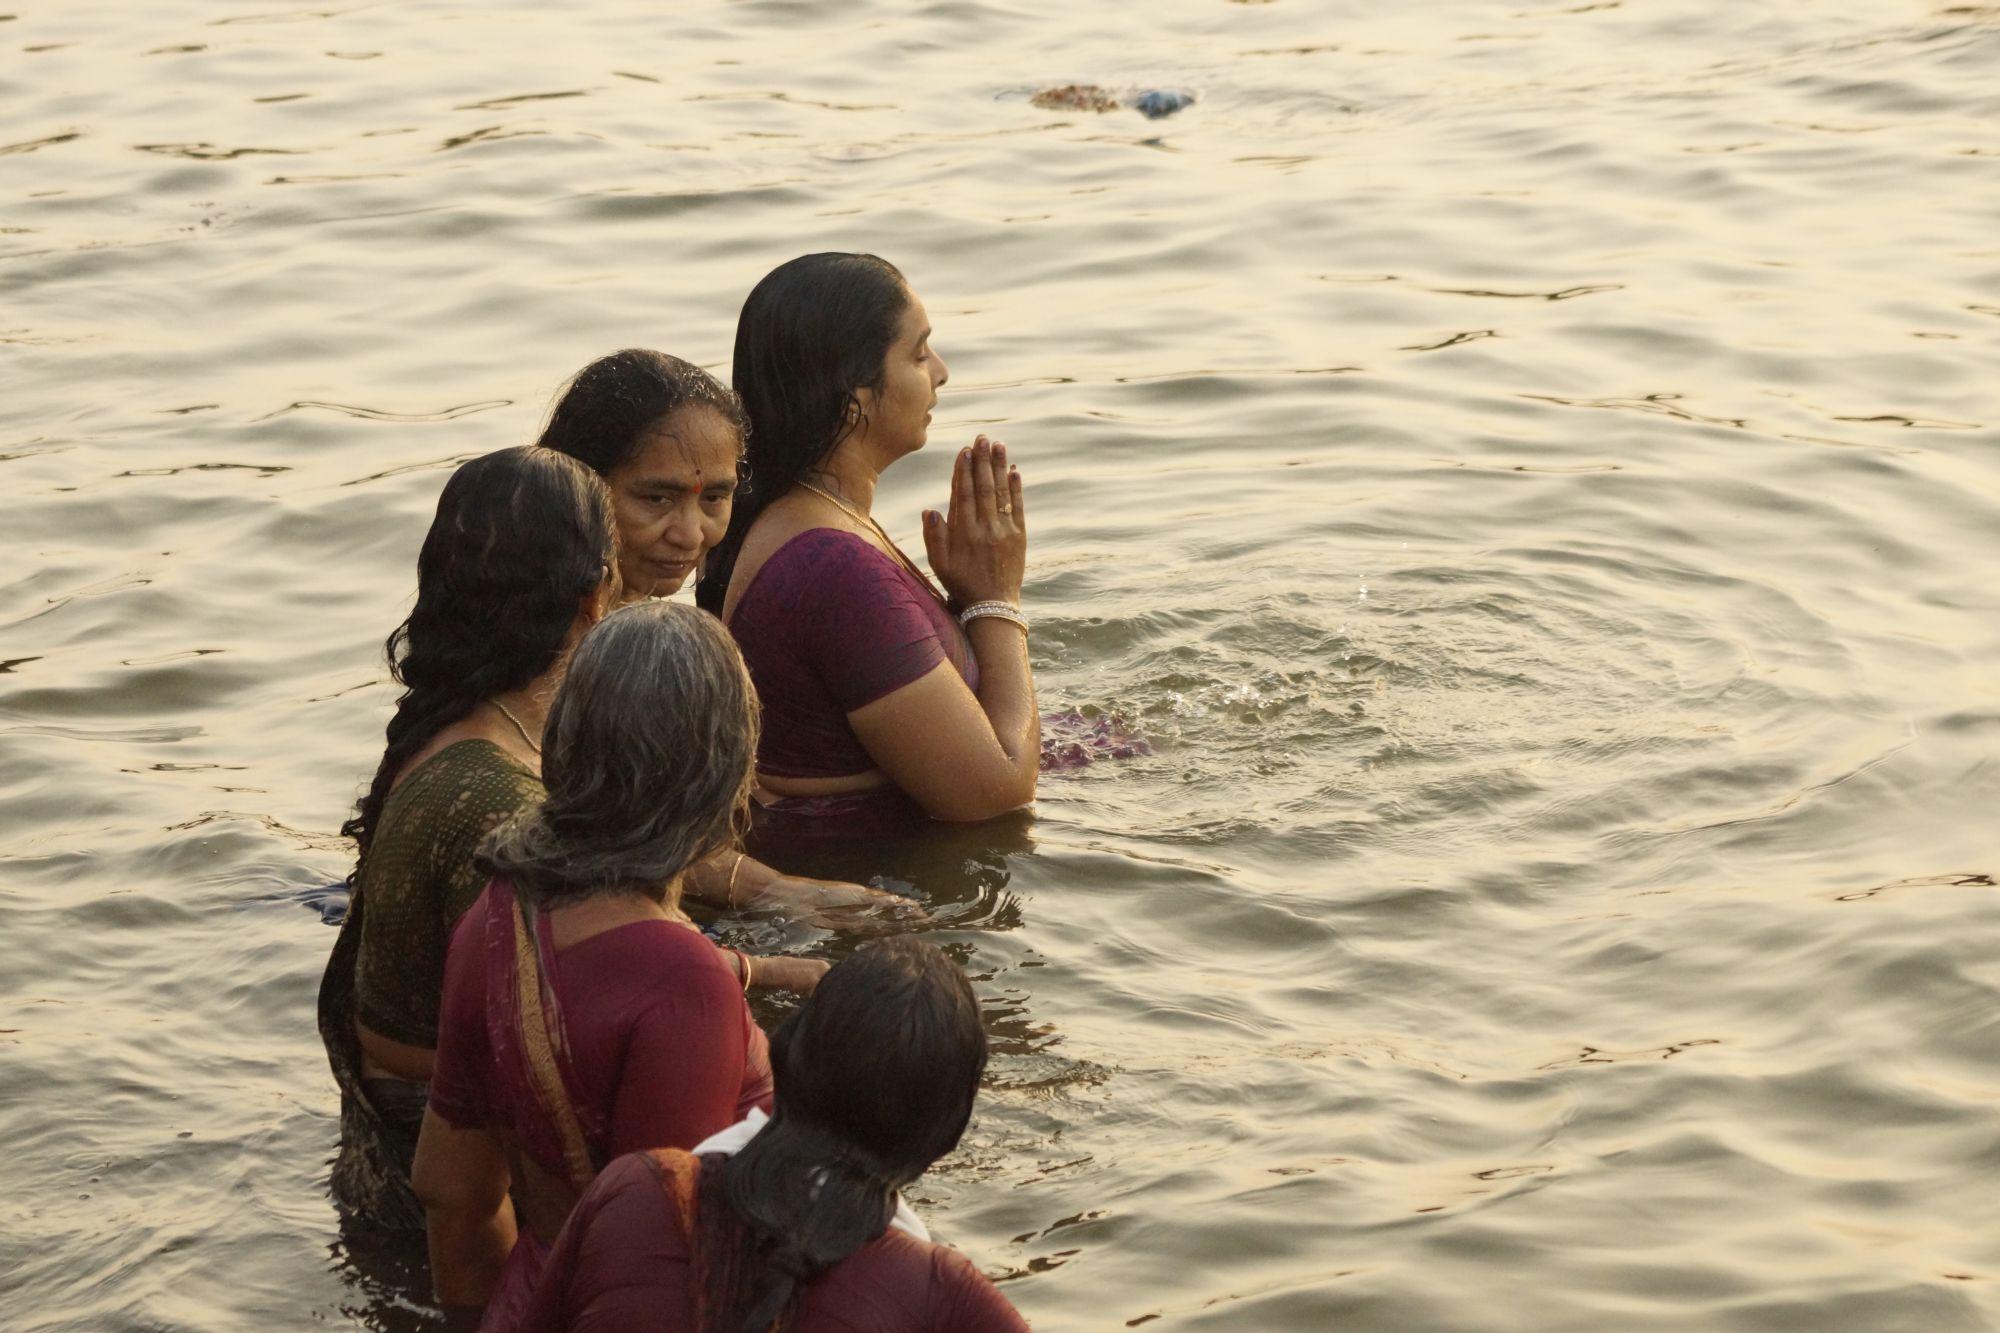 Rytualne oblucje w wodach Gangesu